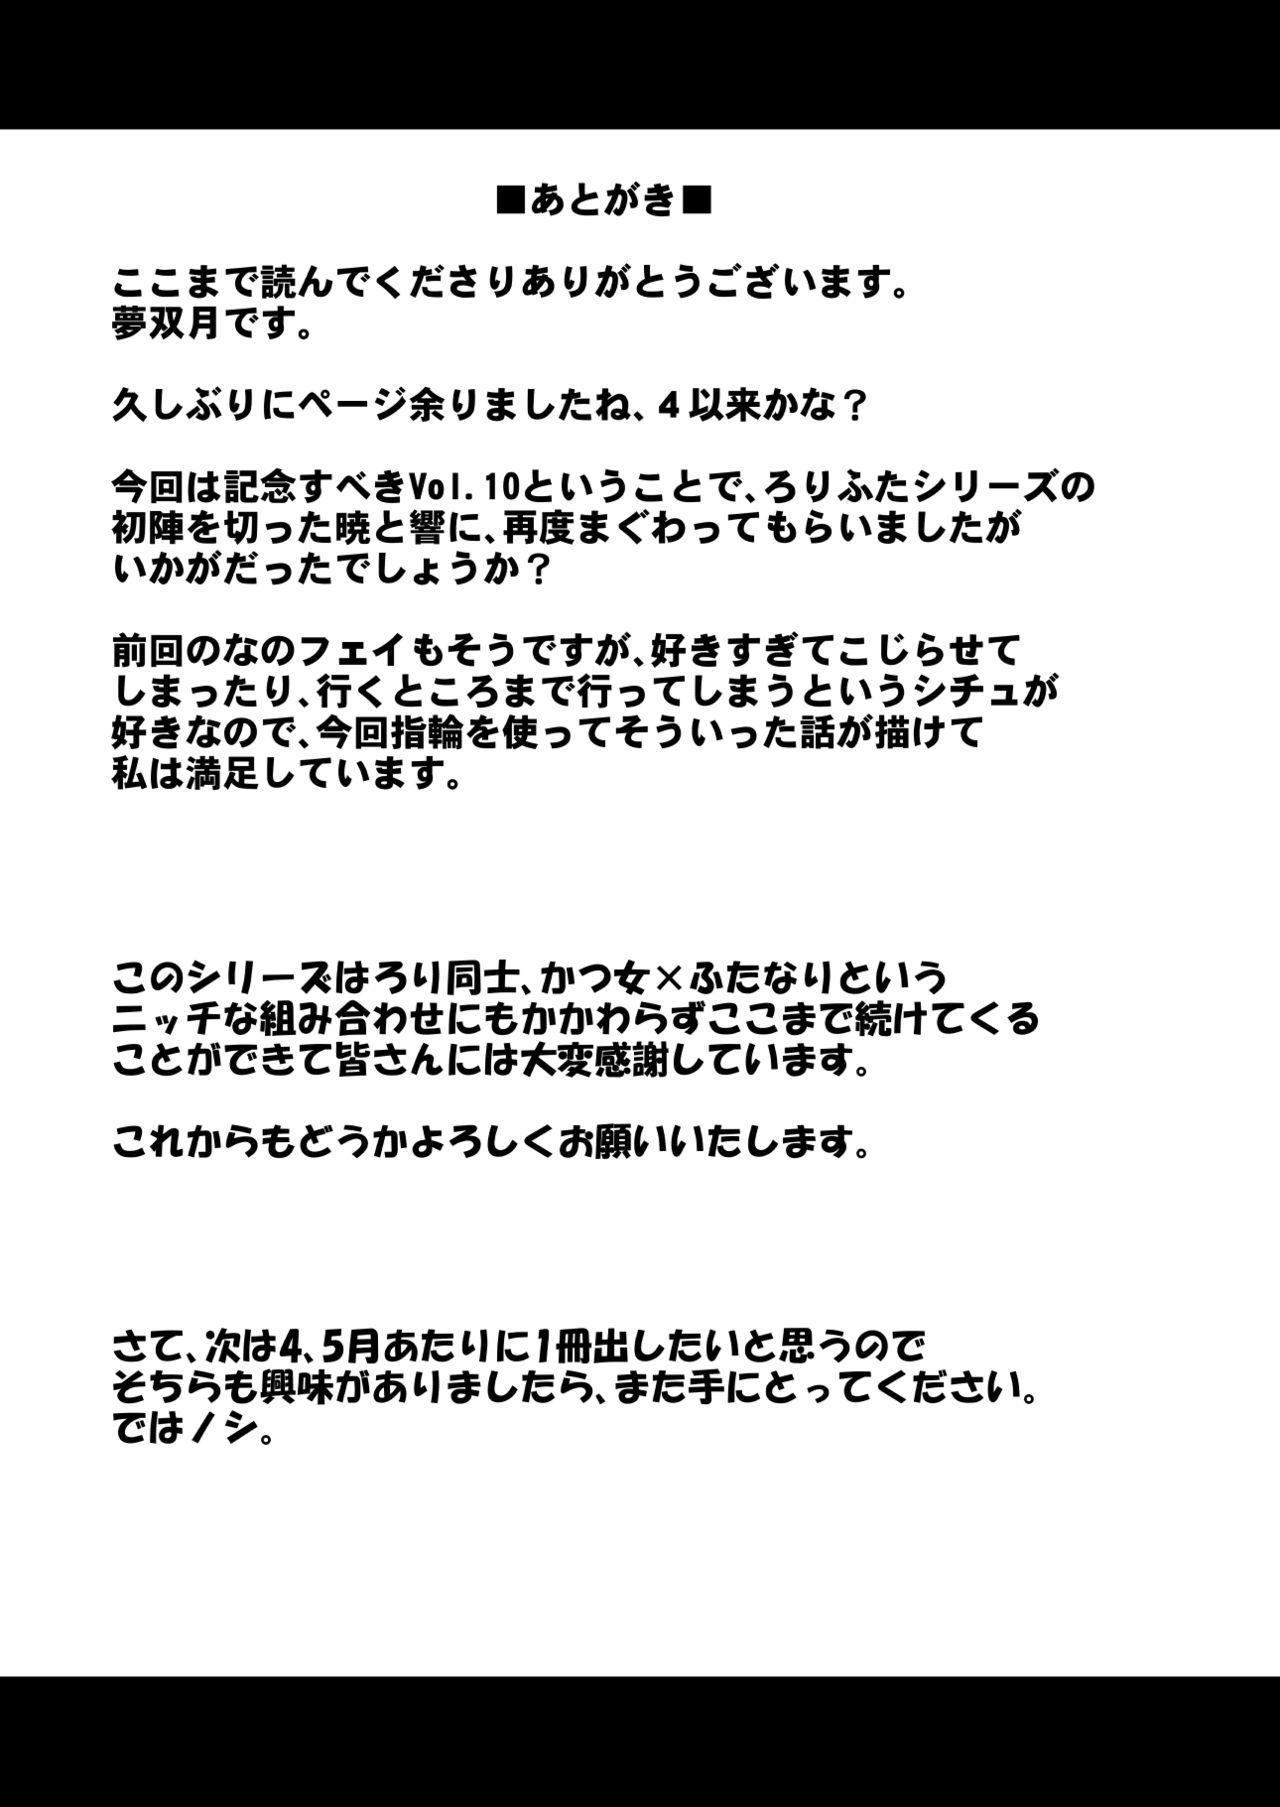 Loli & Futa Vol. 10 27